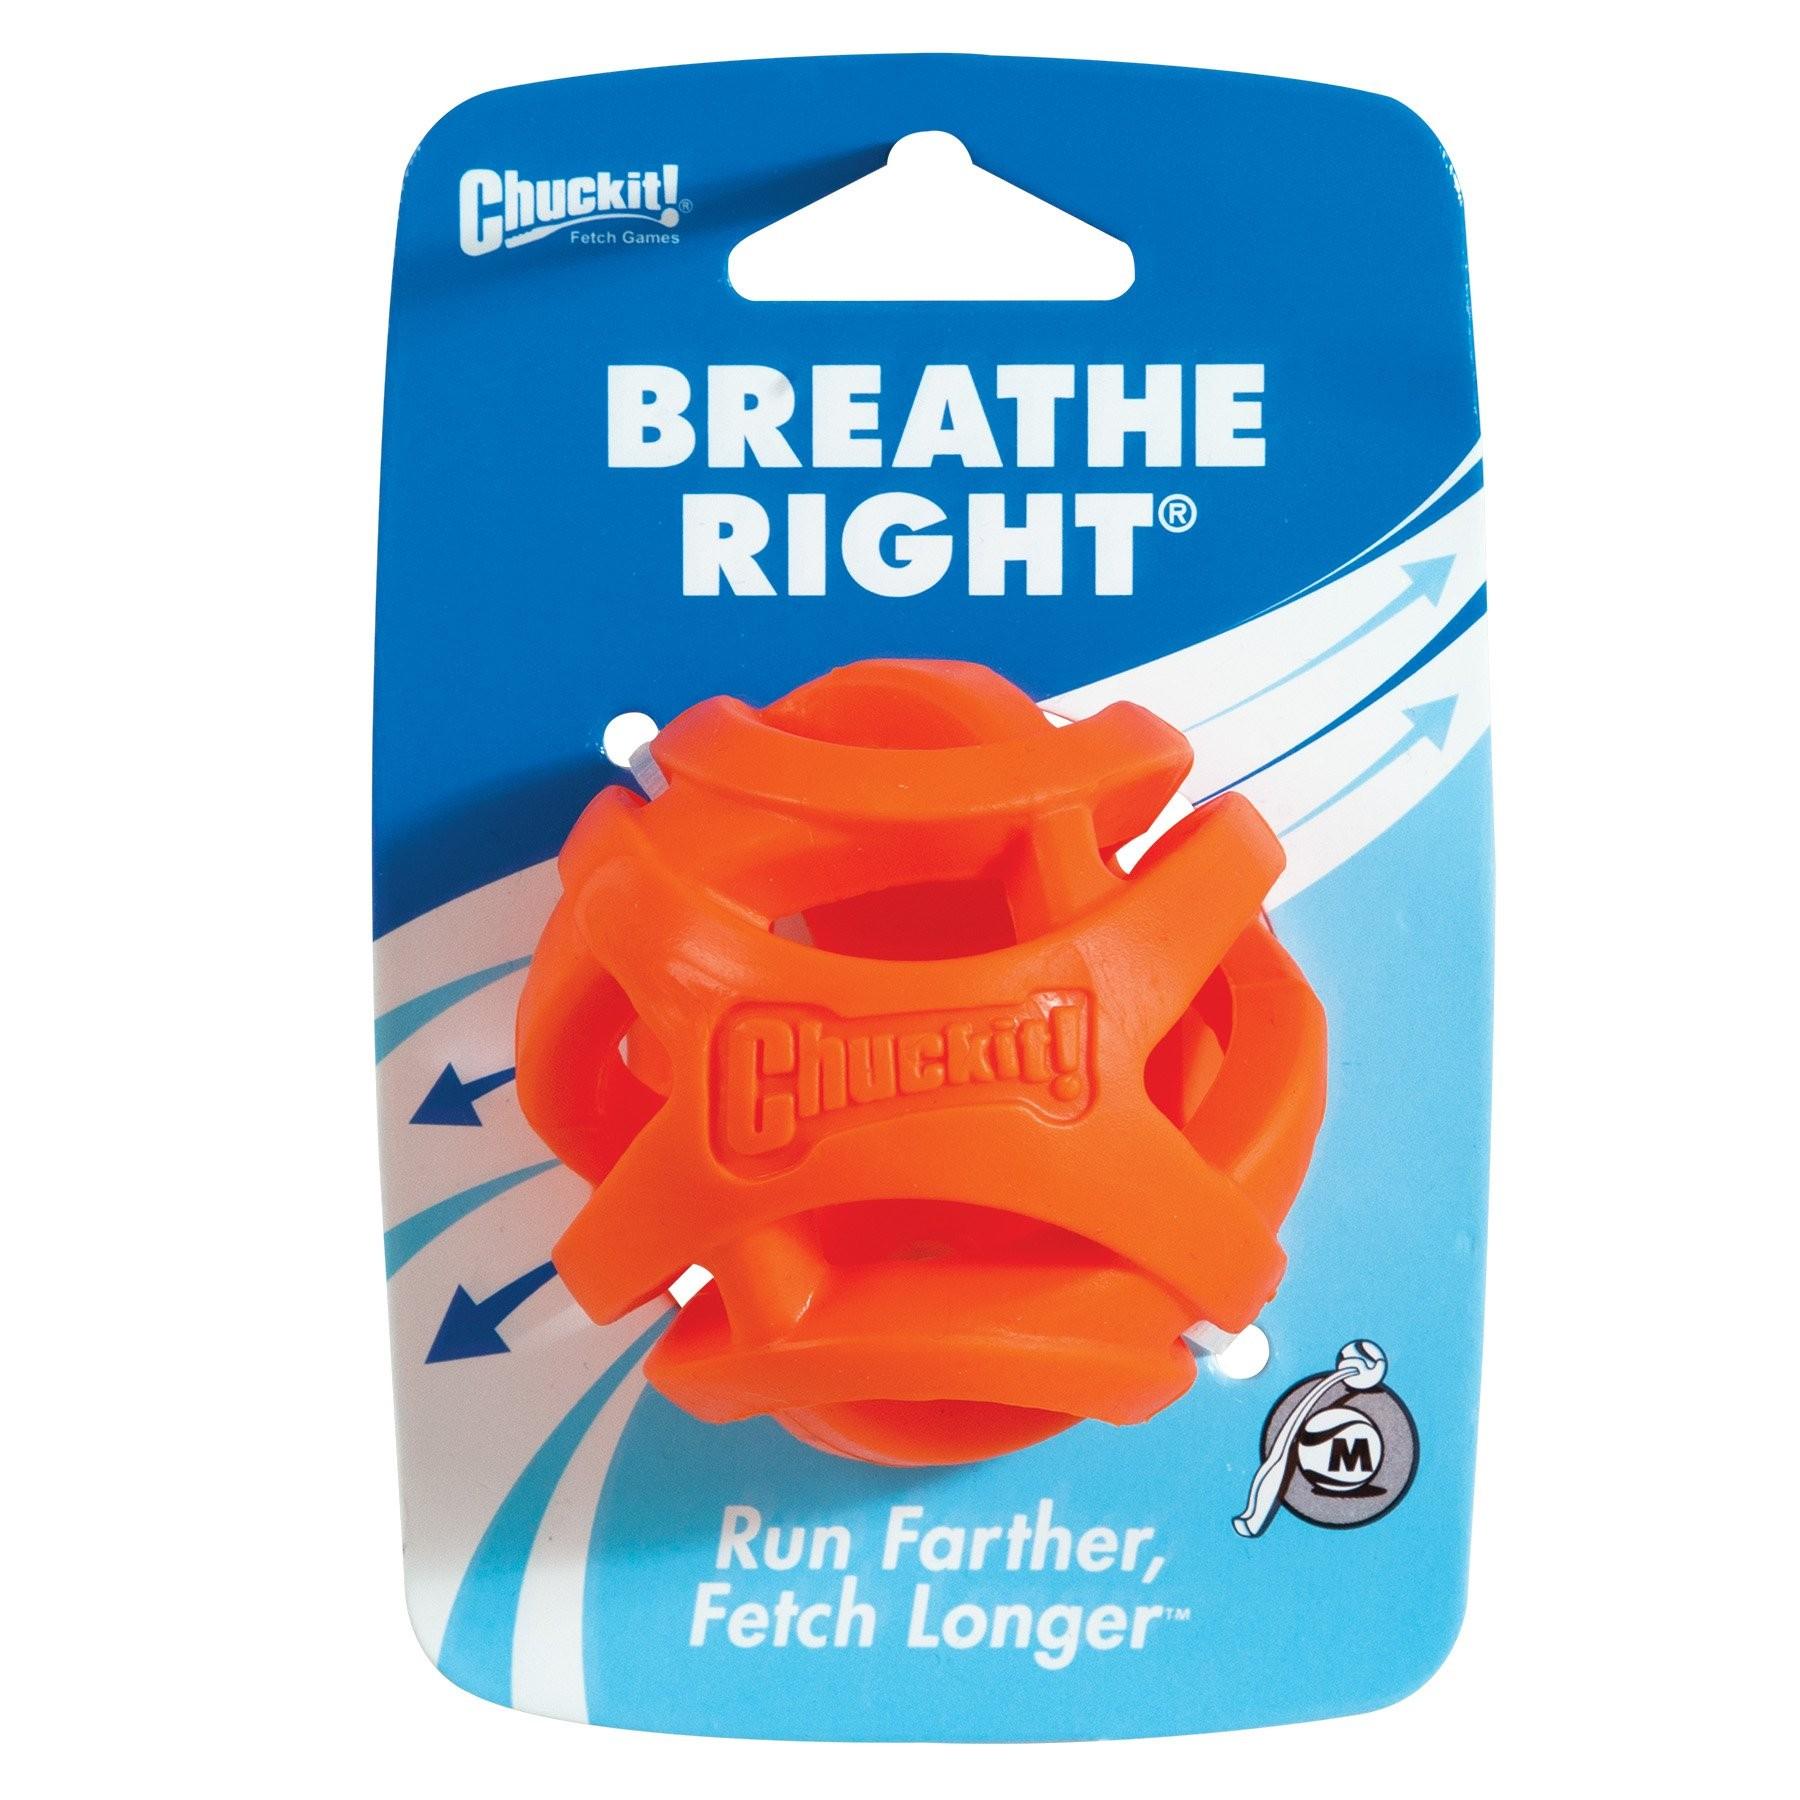 Chuckt! Breathe Right Ball